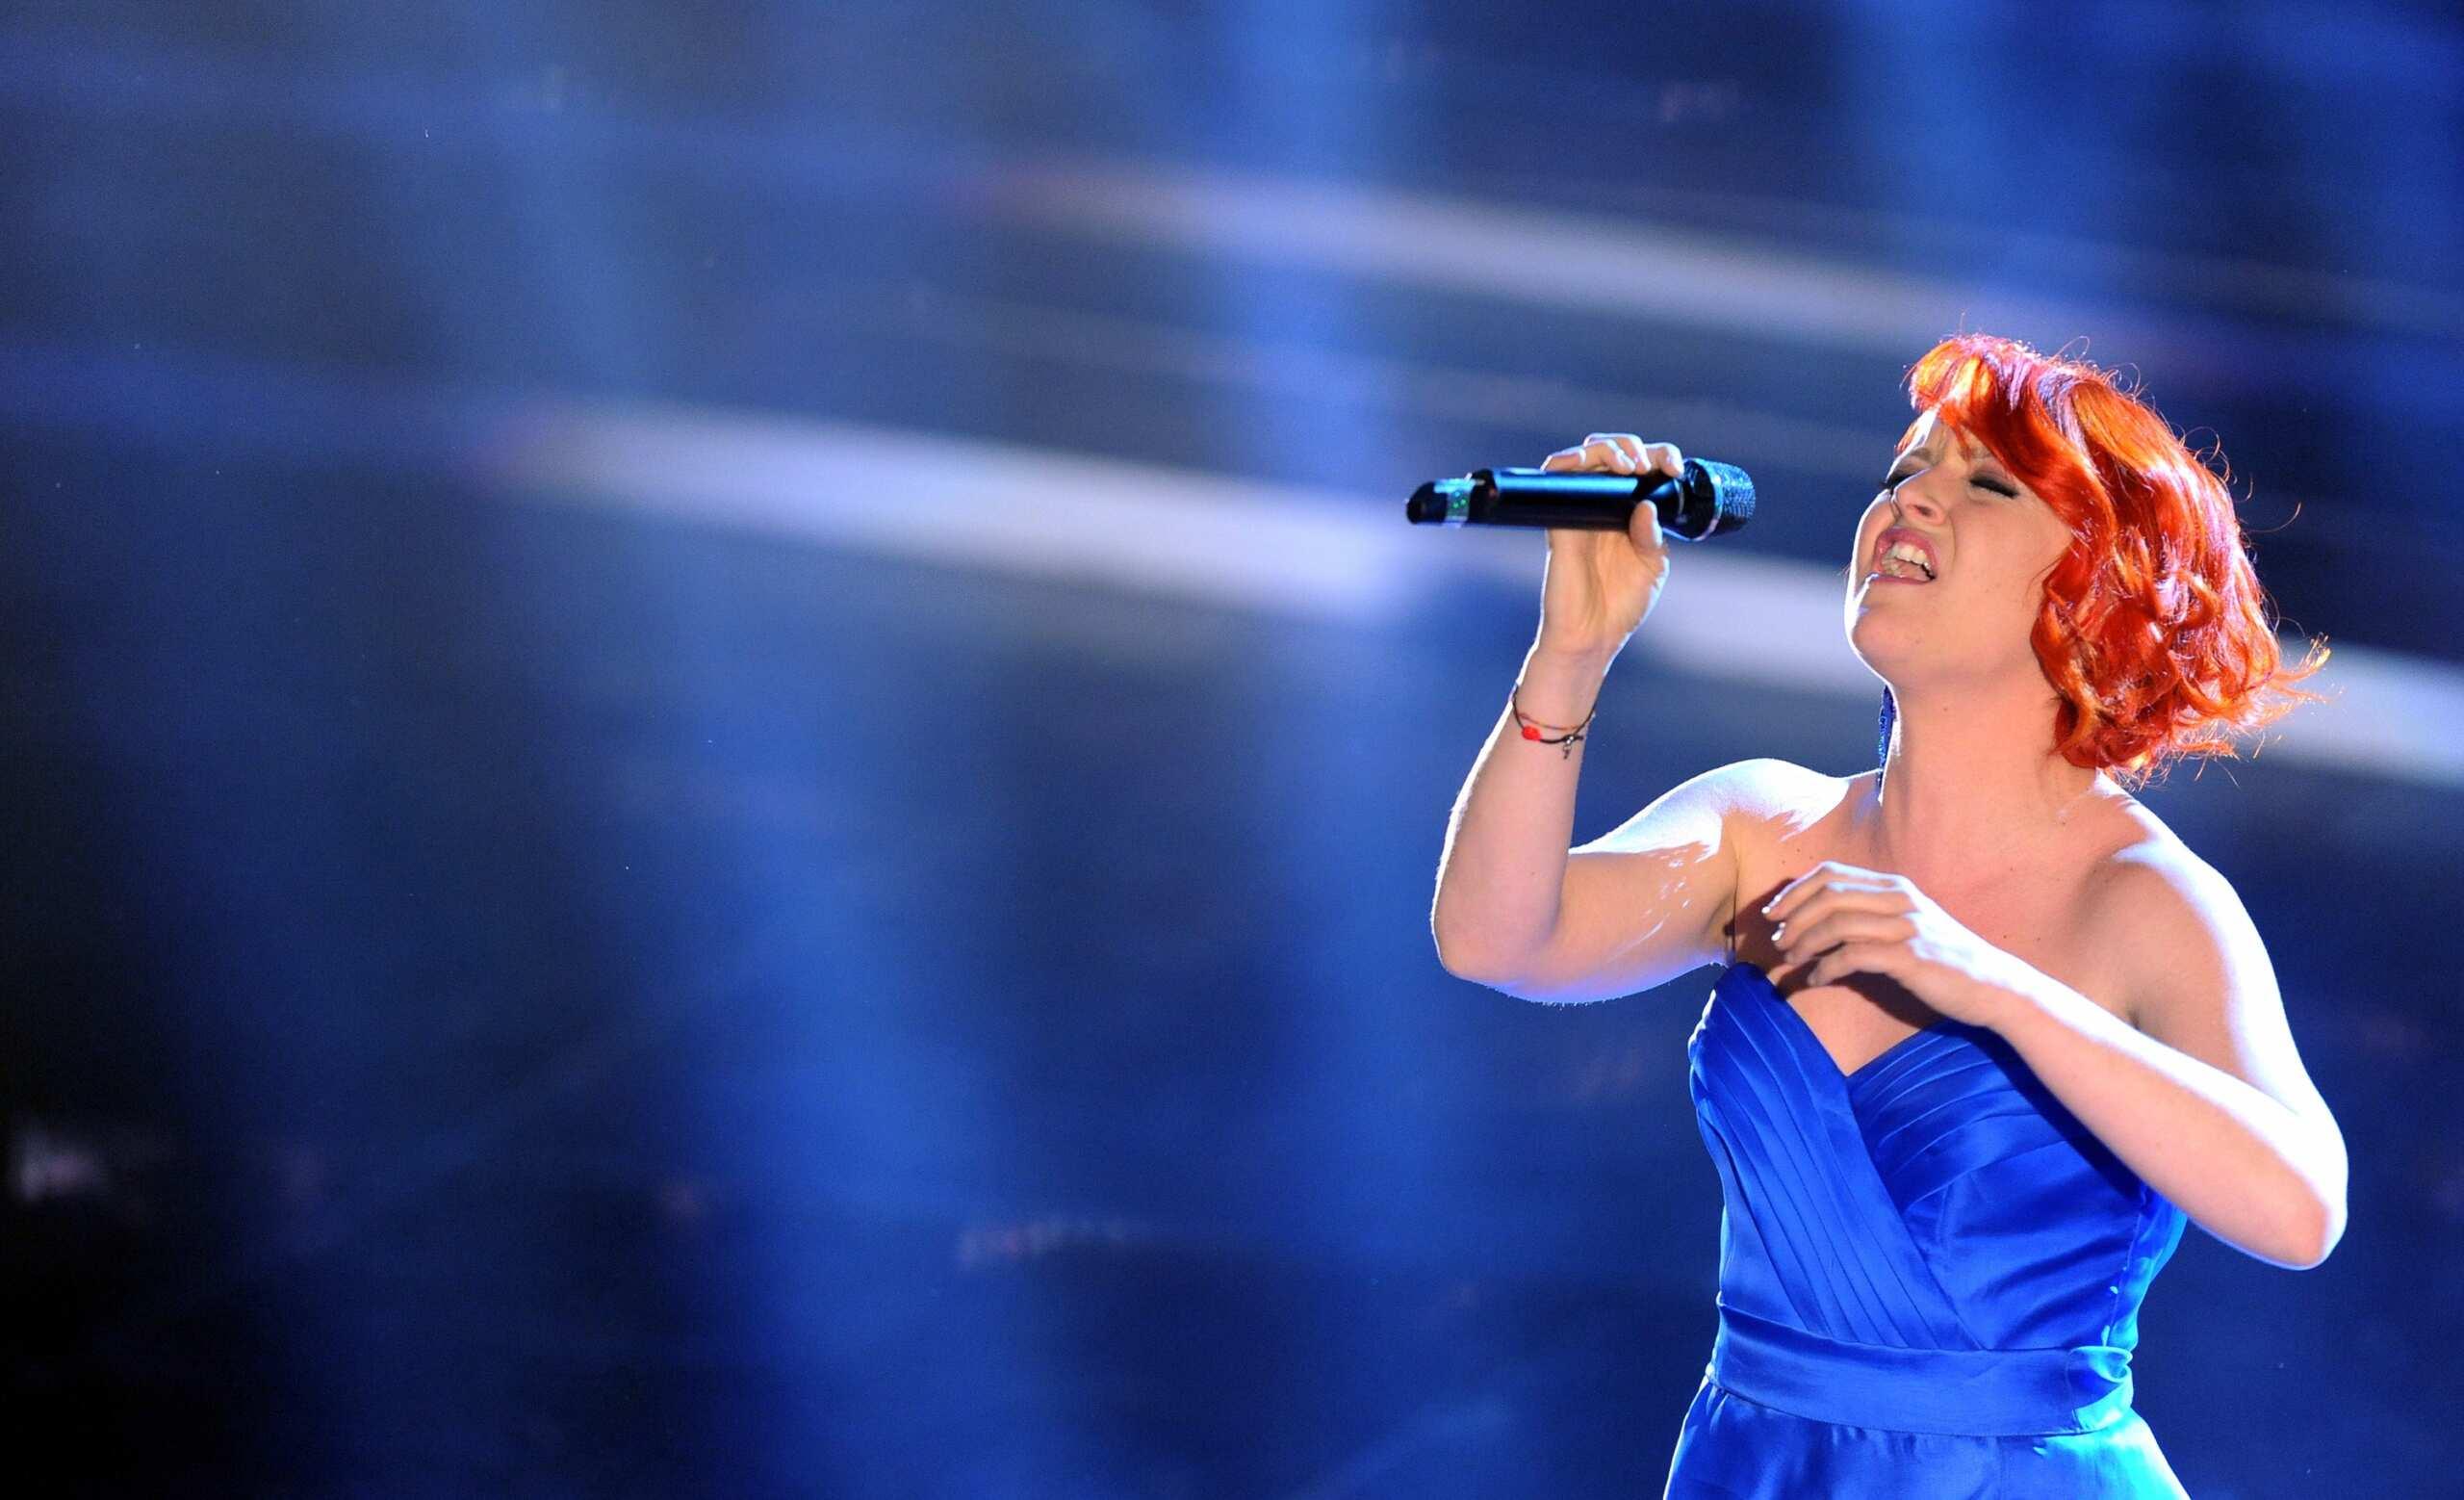 Noemi nella serata finale di Sanremo 2012 in un elegante abito blu elettrico / Fonte foto: GQ Italia